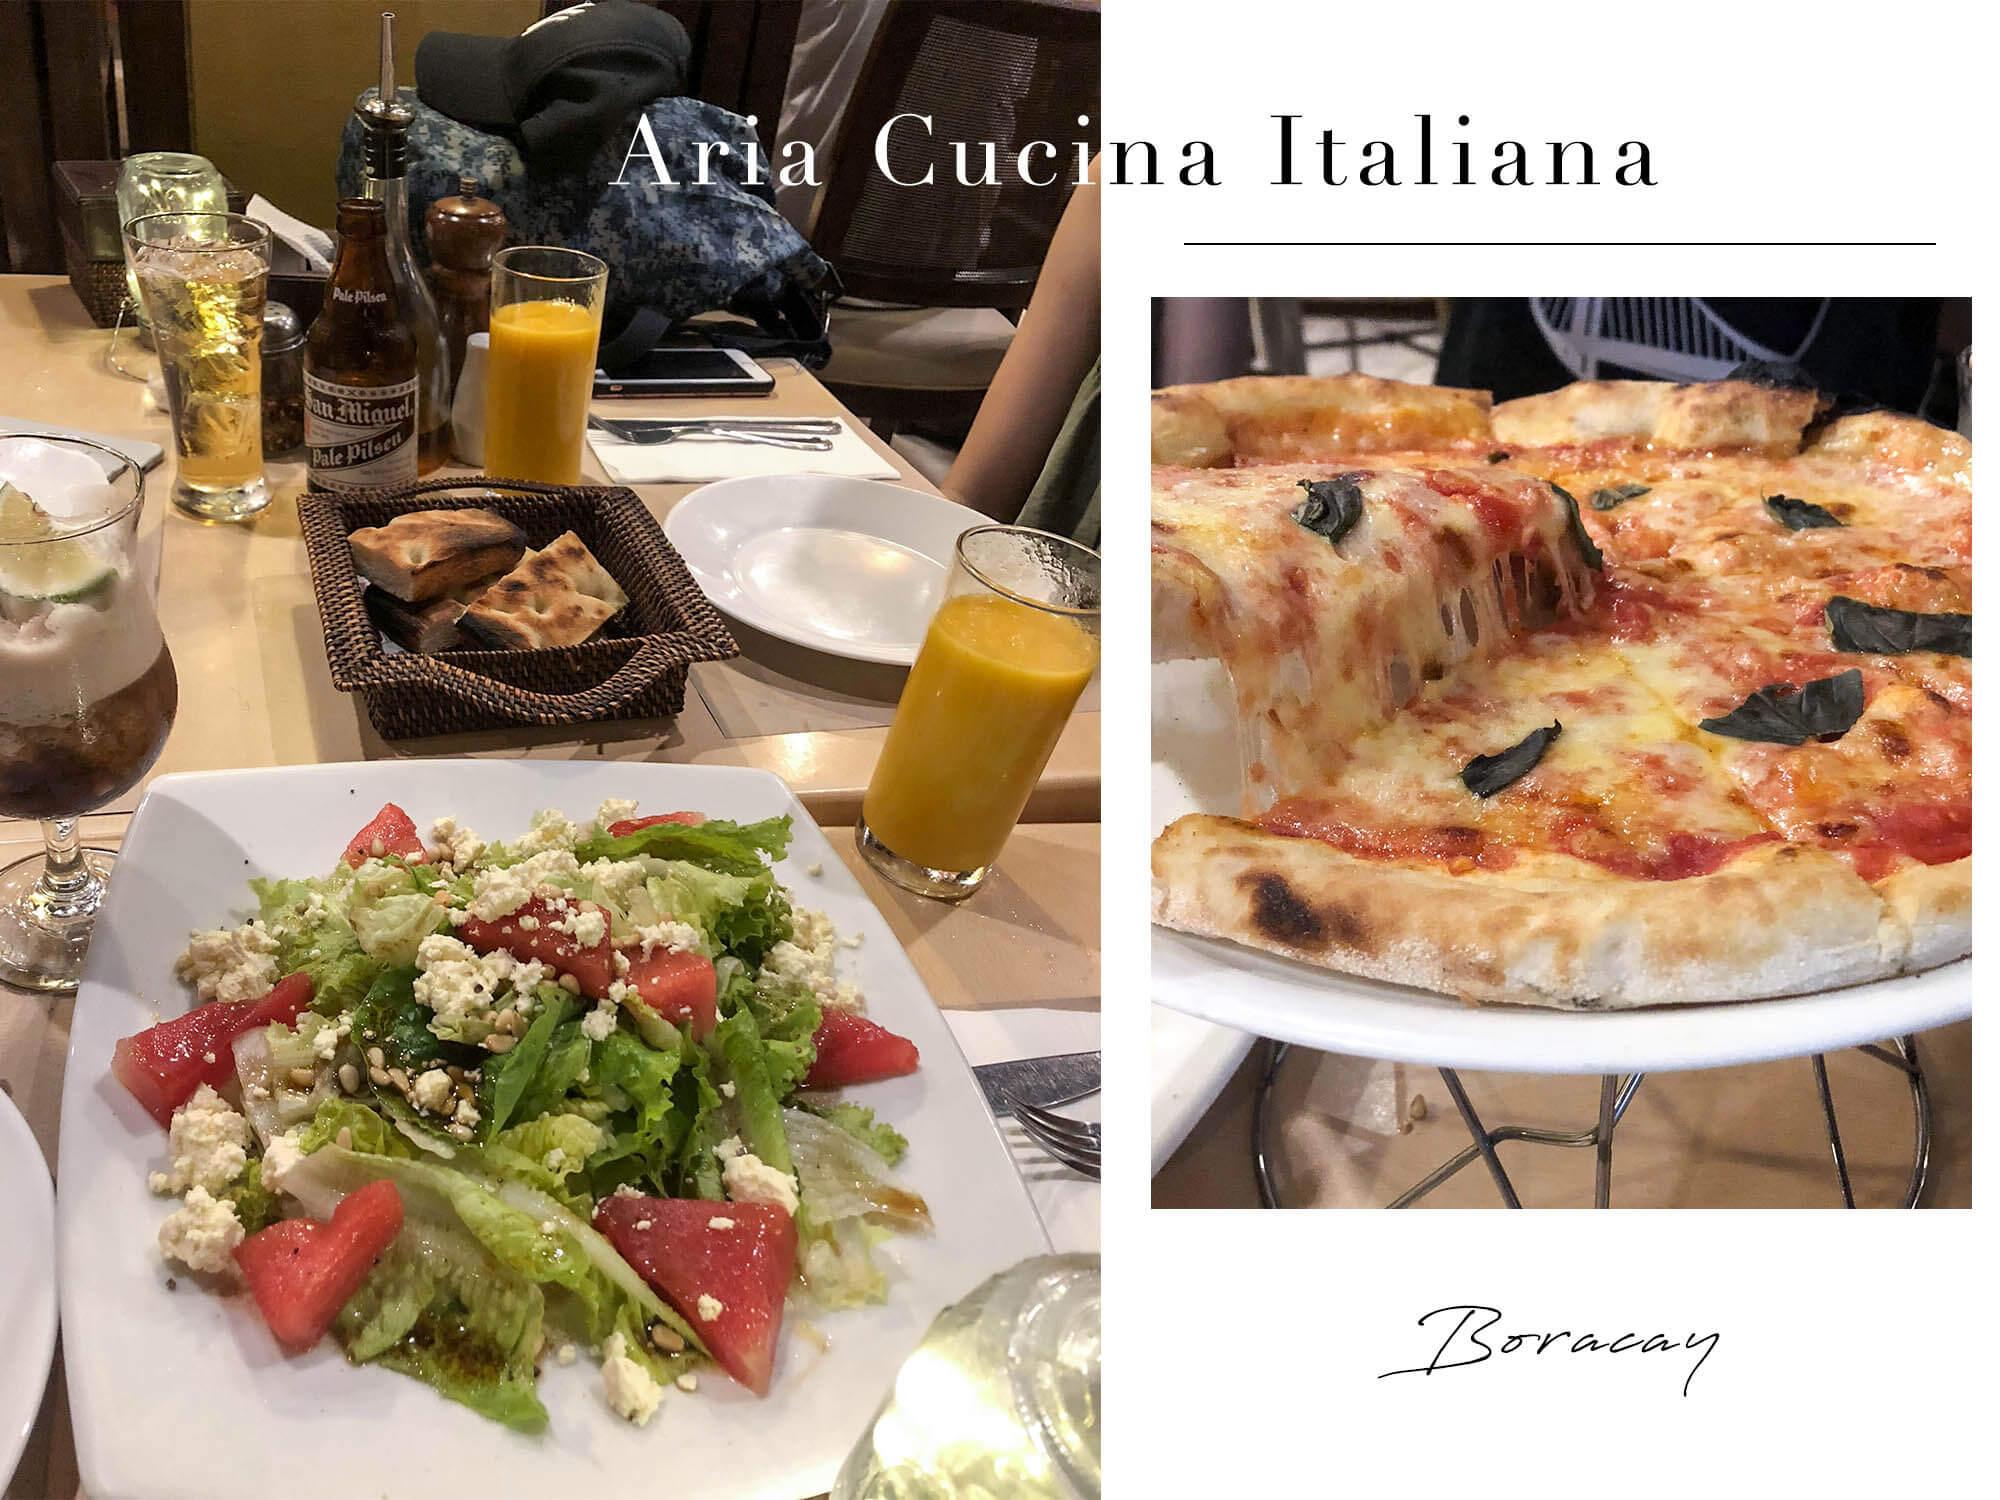 長灘島餐廳|老牌必吃美食Aria Cucina Italiana,大推Pizza!